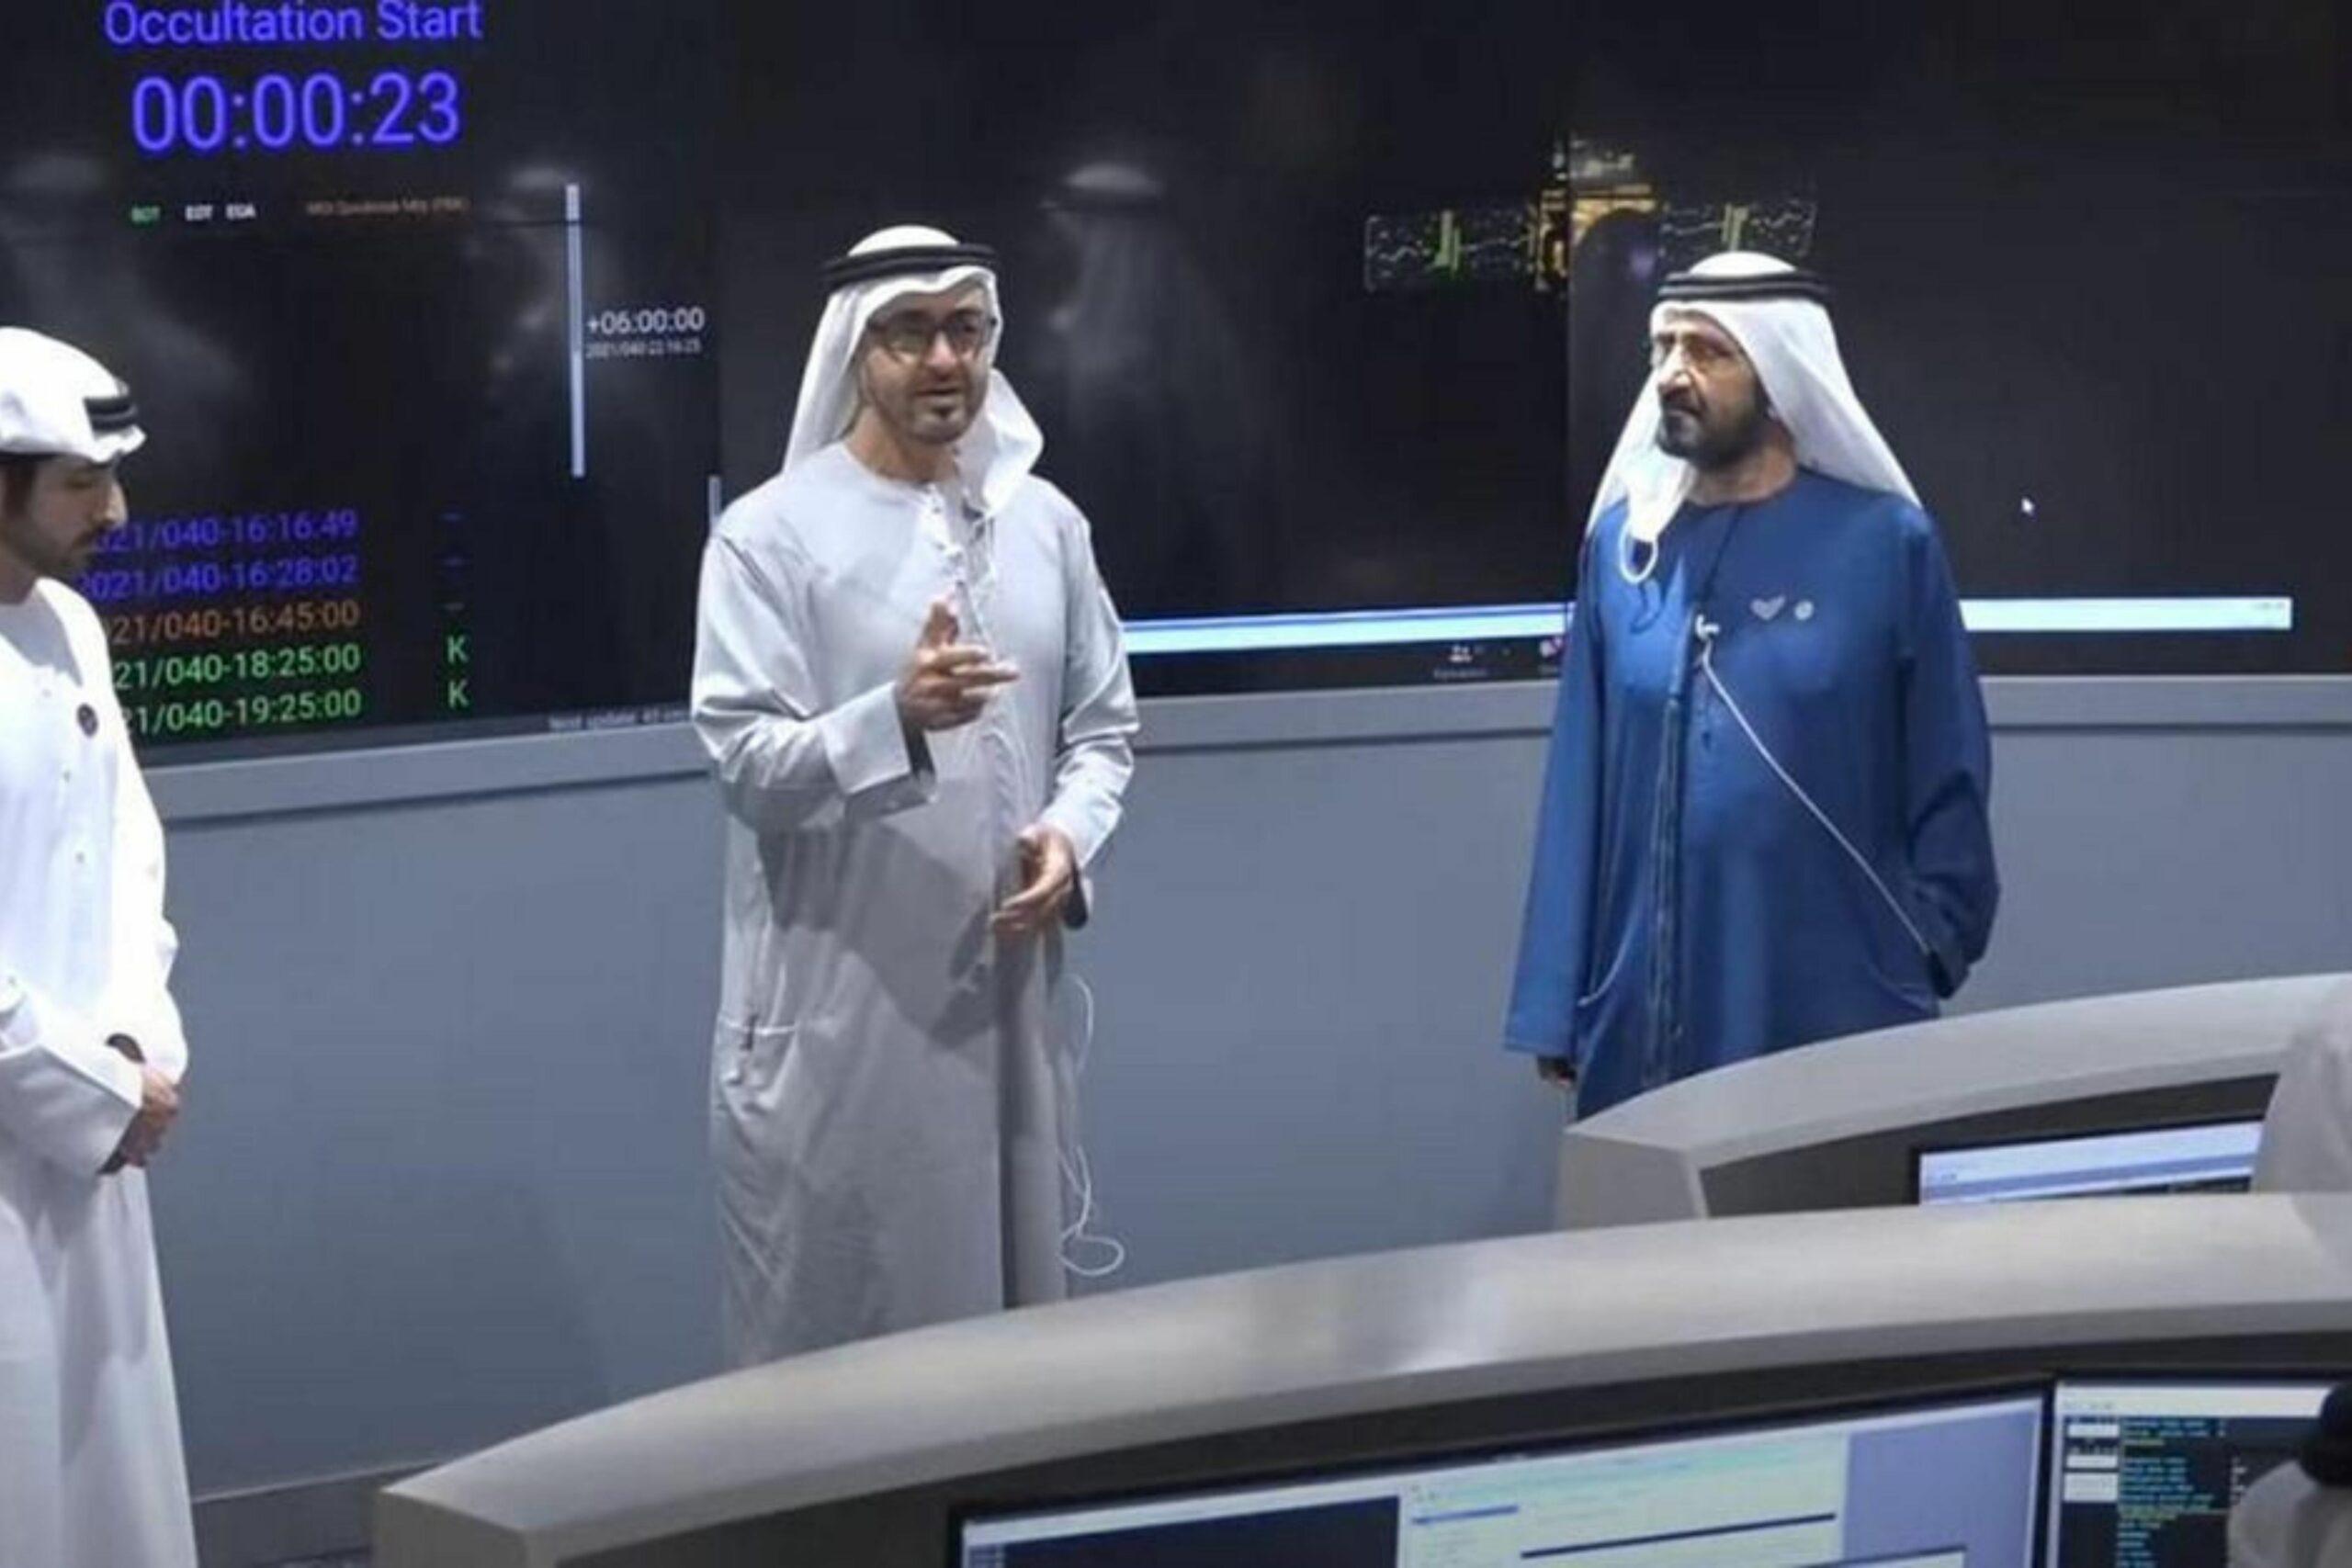 Les Émirats arabes unis célèbrent leur première mission sur Mars avec l'entrée en orbite de Hope